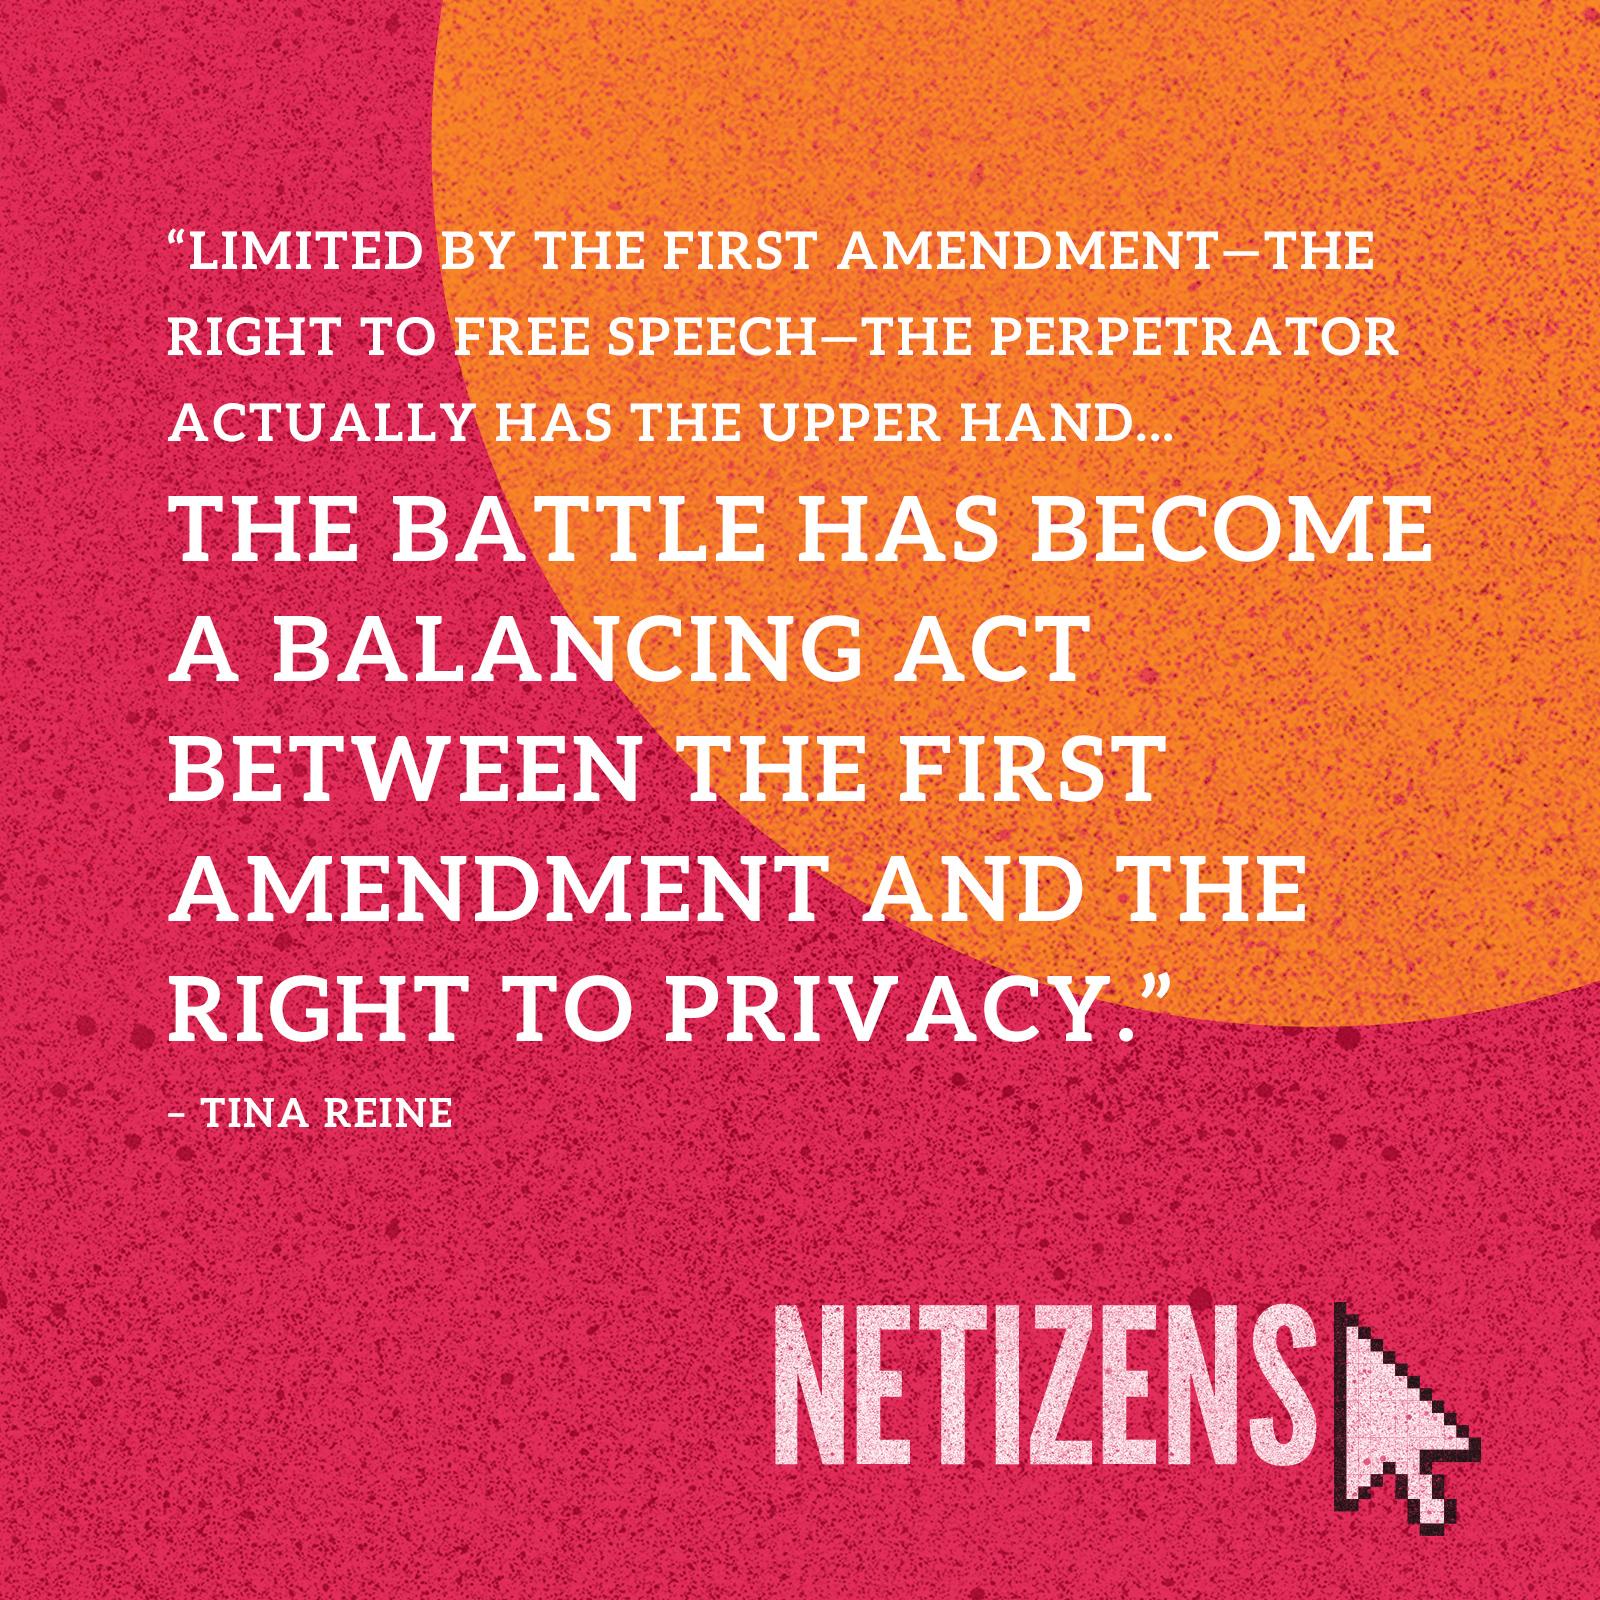 Netizens-SocialImage-6-v1.jpg